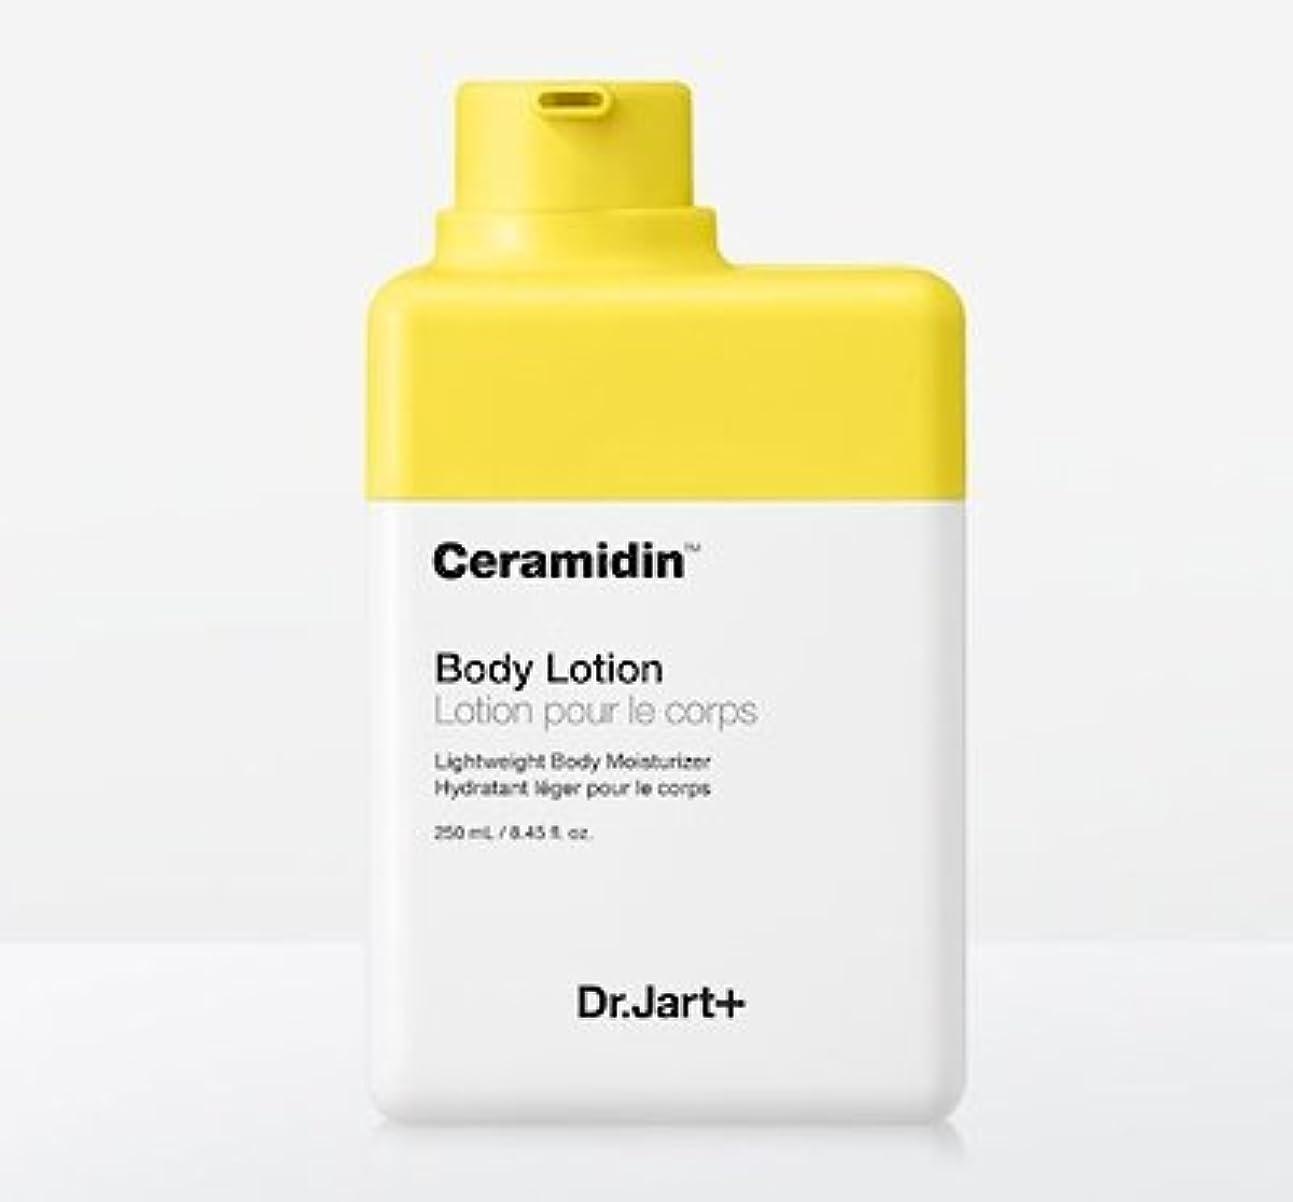 マウンドベルスラムドクタージャルトセラマイディンボディローション Dr.Jart Ceramidin Body Lotion 250ml [並行輸入品]